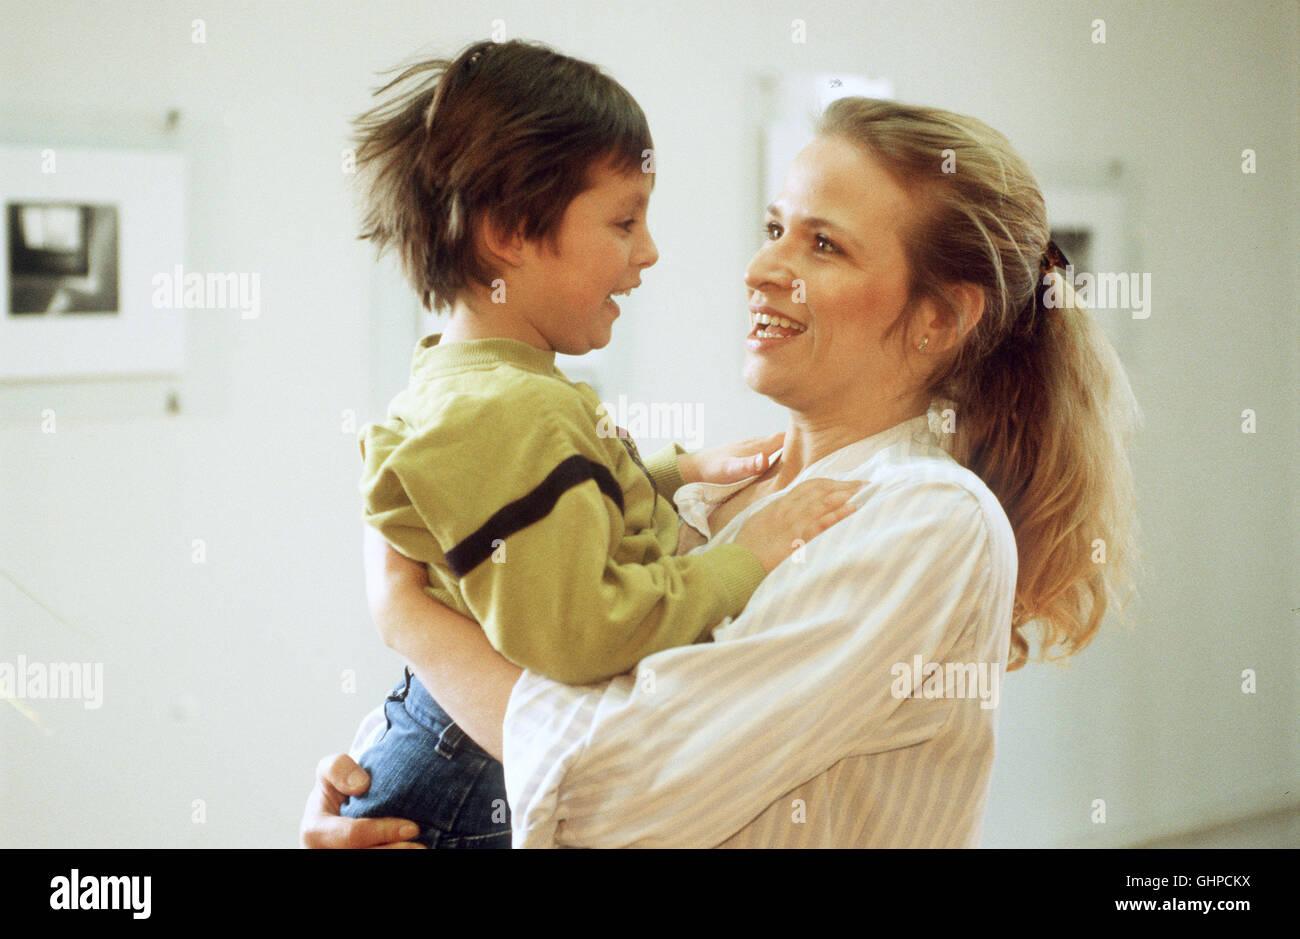 engel mit einem flügel -5 Elke und Hannes haben sich auseinandergelebt. Ihre Ehe zerbricht. Doch die Geschichte ihrer Ehekrise ist keine alltägliche, denn beide Kinder sind adoptiert. Das jüngste, der gerade dreijährige Rico, ist krank, geistig und Körperlich behindert. Foto: Elke (ARIANNE BORBACH) kümmert sich um ihren behinderten Sohn Rico (RICARDO VORHOLZ). Regie: Dagmar Wittmers Stock Photo